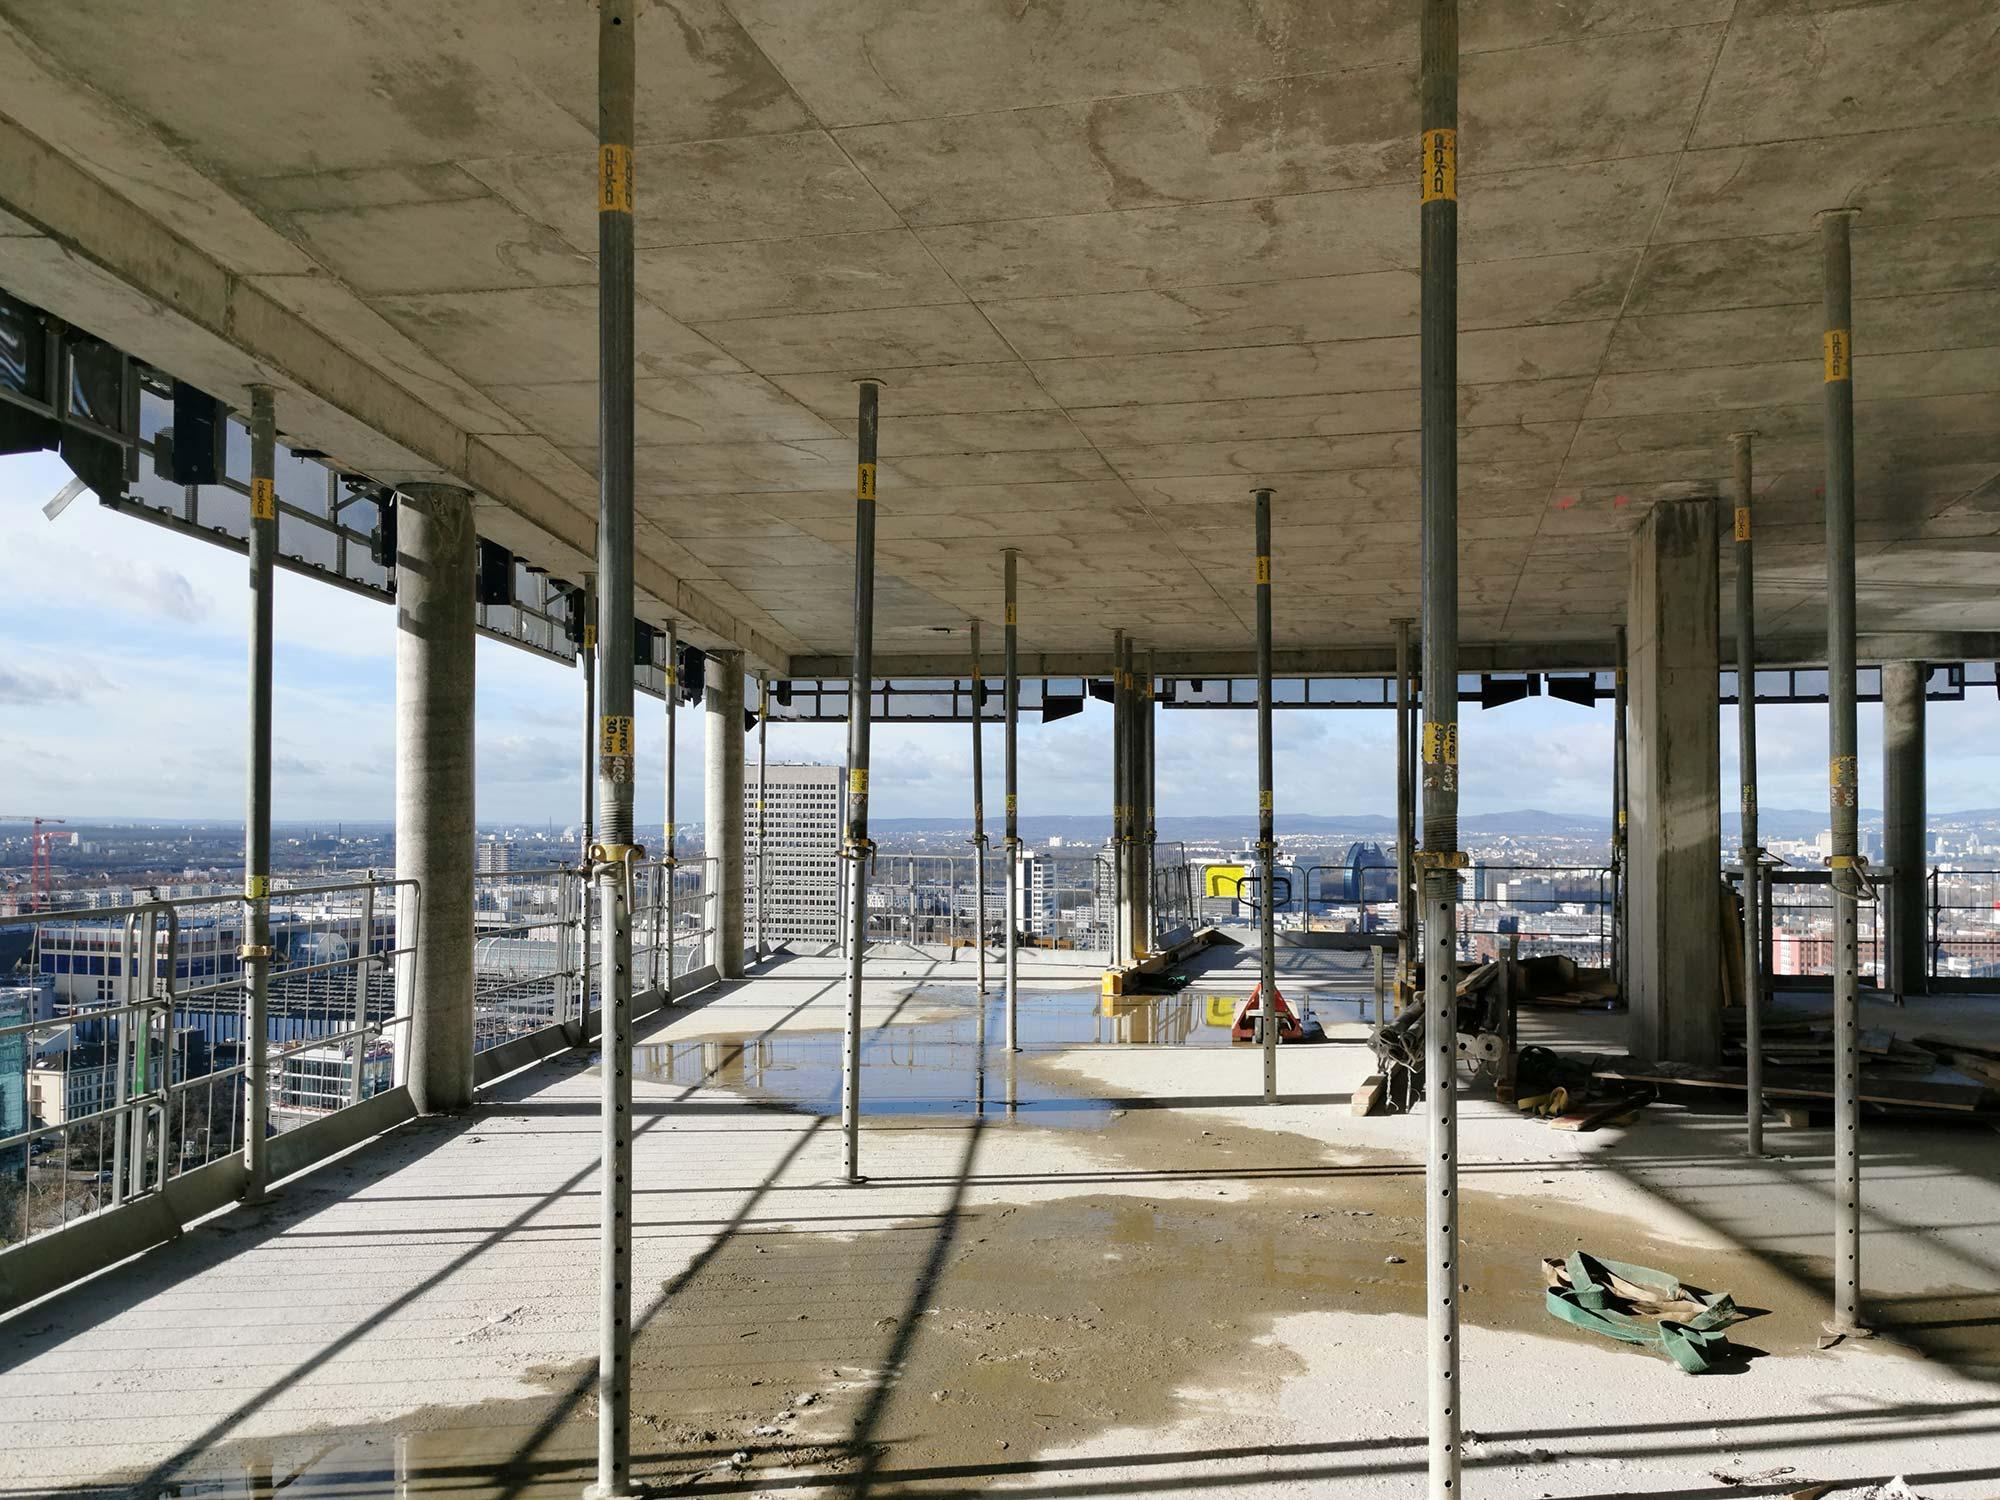 Hochhaus-Rohbau Frankfurt - Doka - Beton - Stützen - Hochhausbegehung im Februar 2021